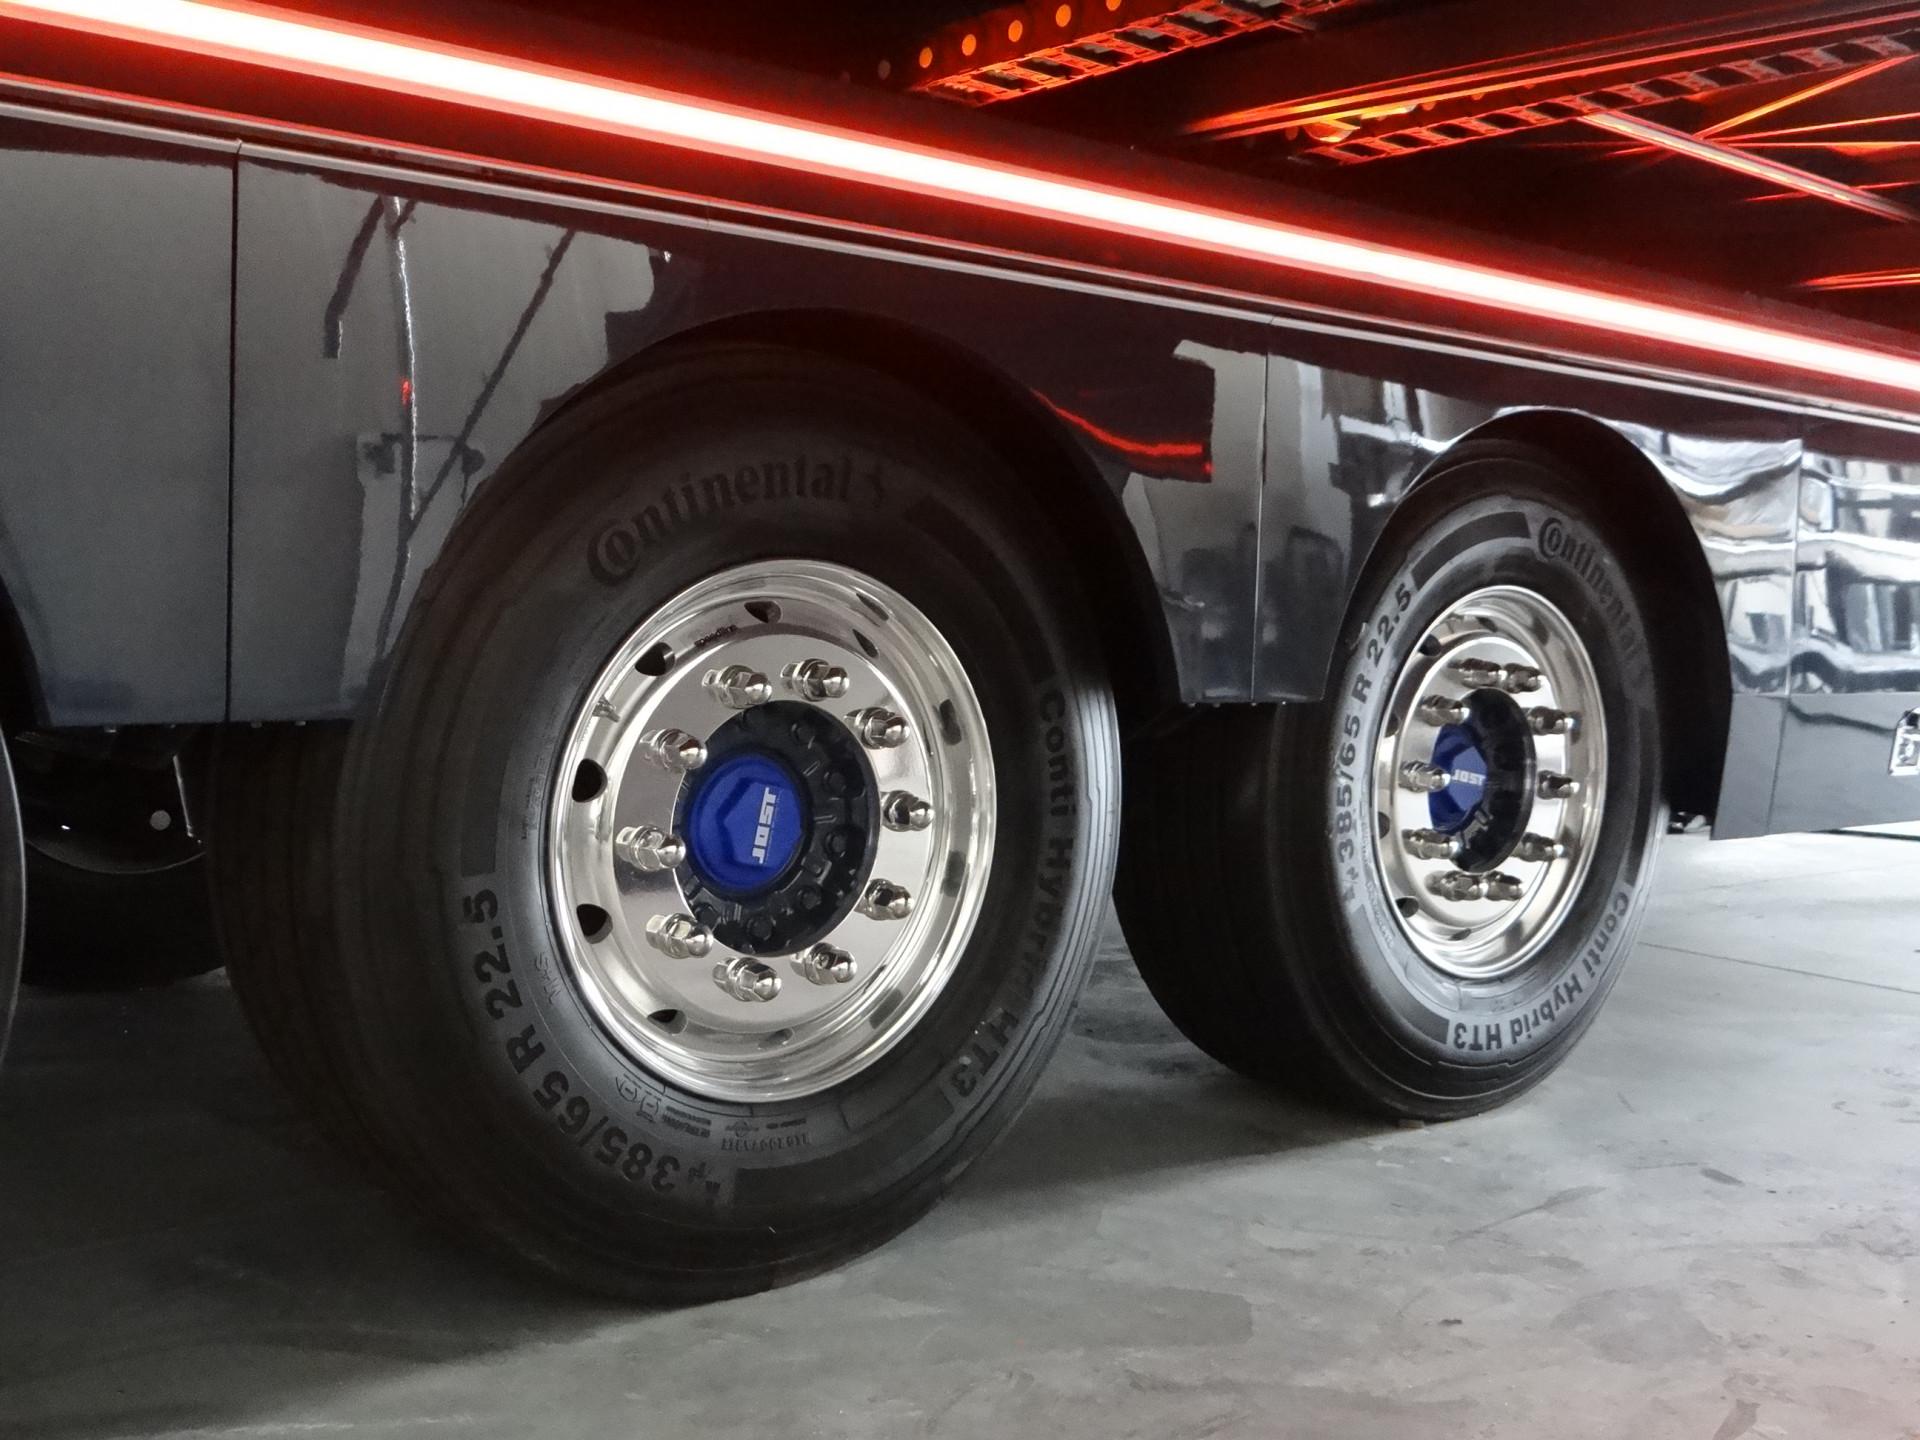 100 besplatnih stranica za upoznavanje kamiona